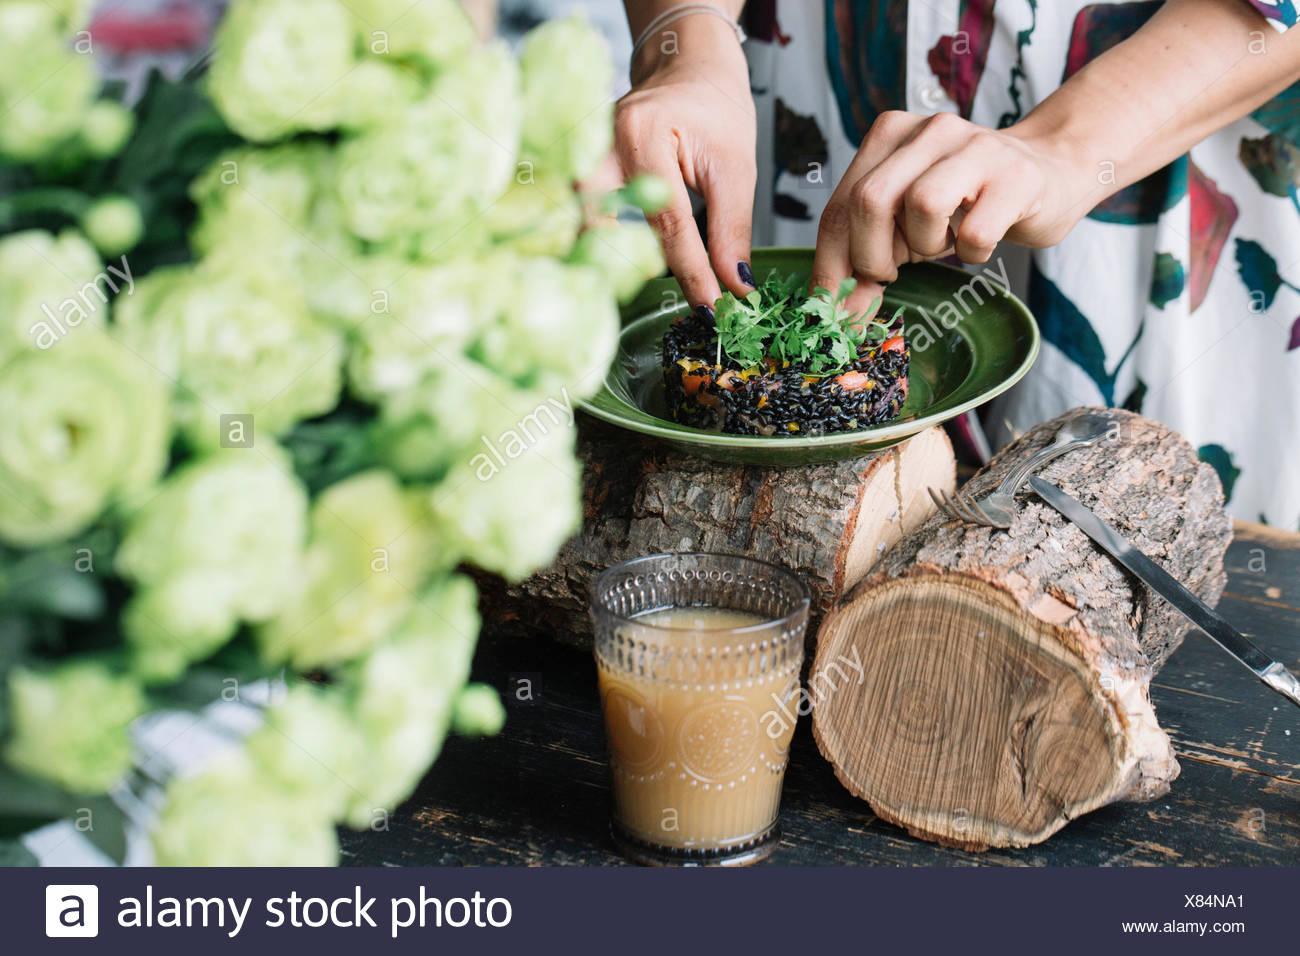 Woman preparing vegetarian dish - Stock Image